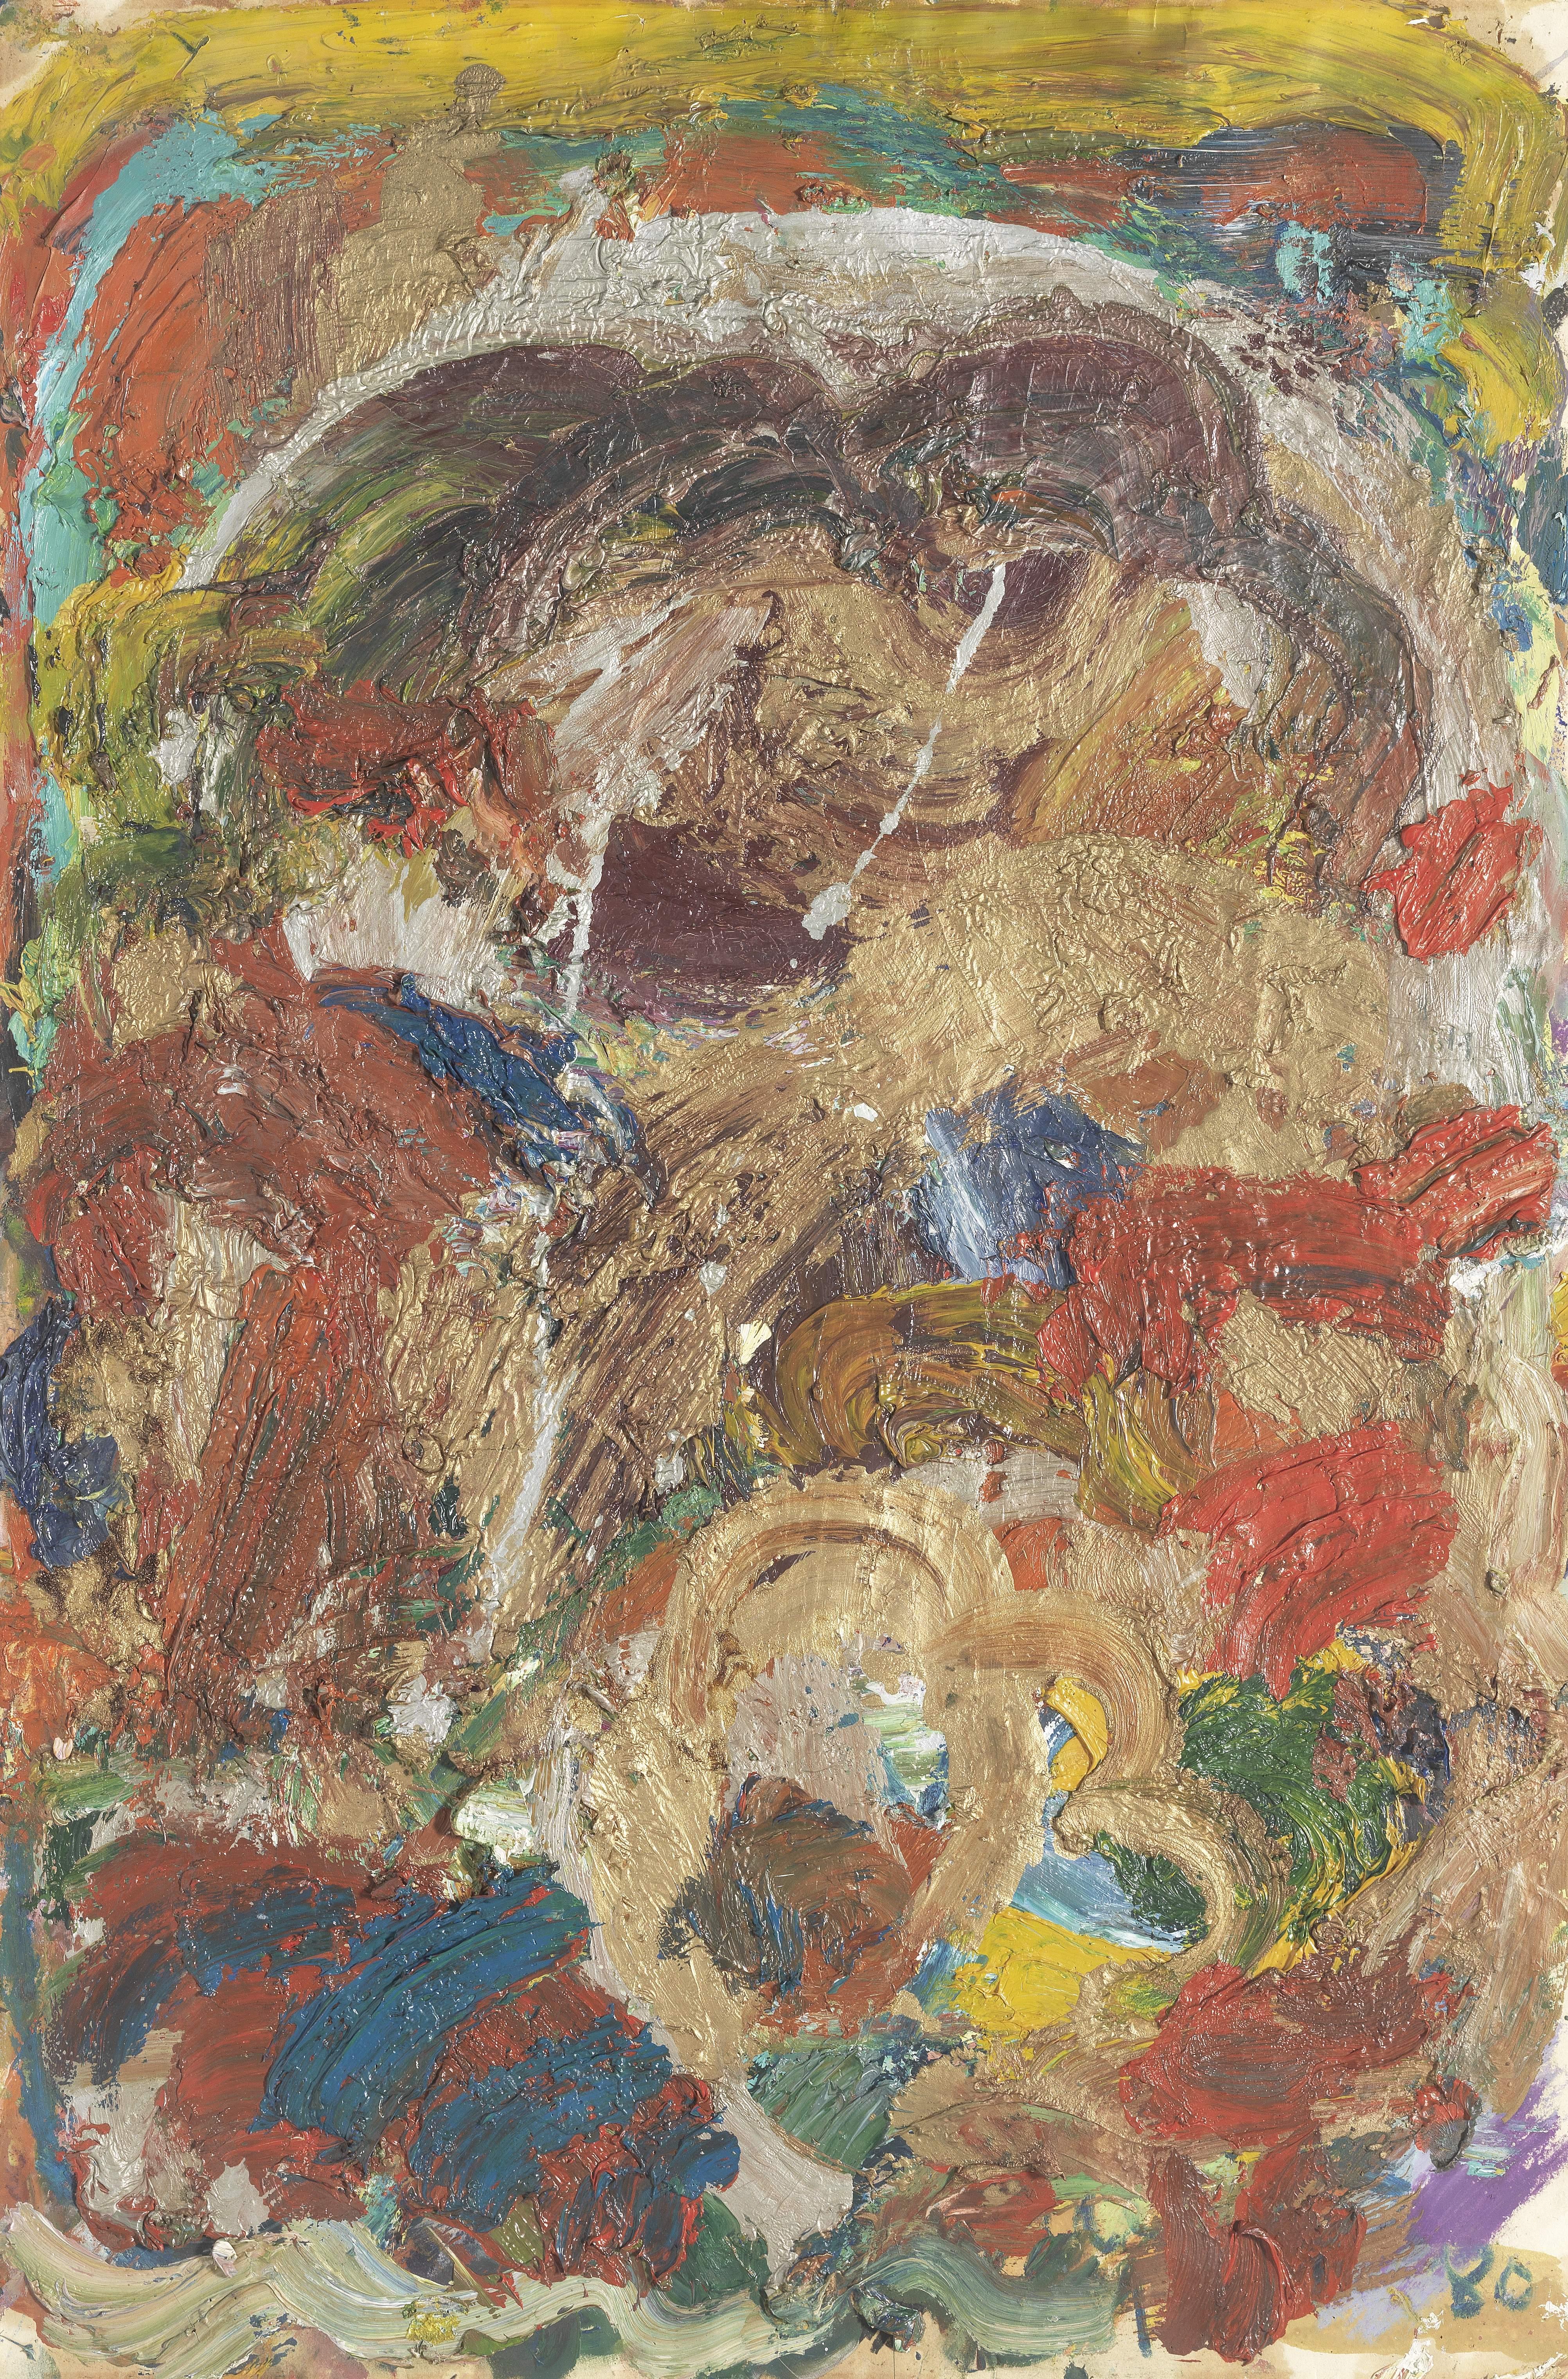 Gillian Ayres C.B.E., R.A. (British, 1930-2018) Untitled 77.8 x 52 cm. (30 5/8 x 20 1/2 in.)